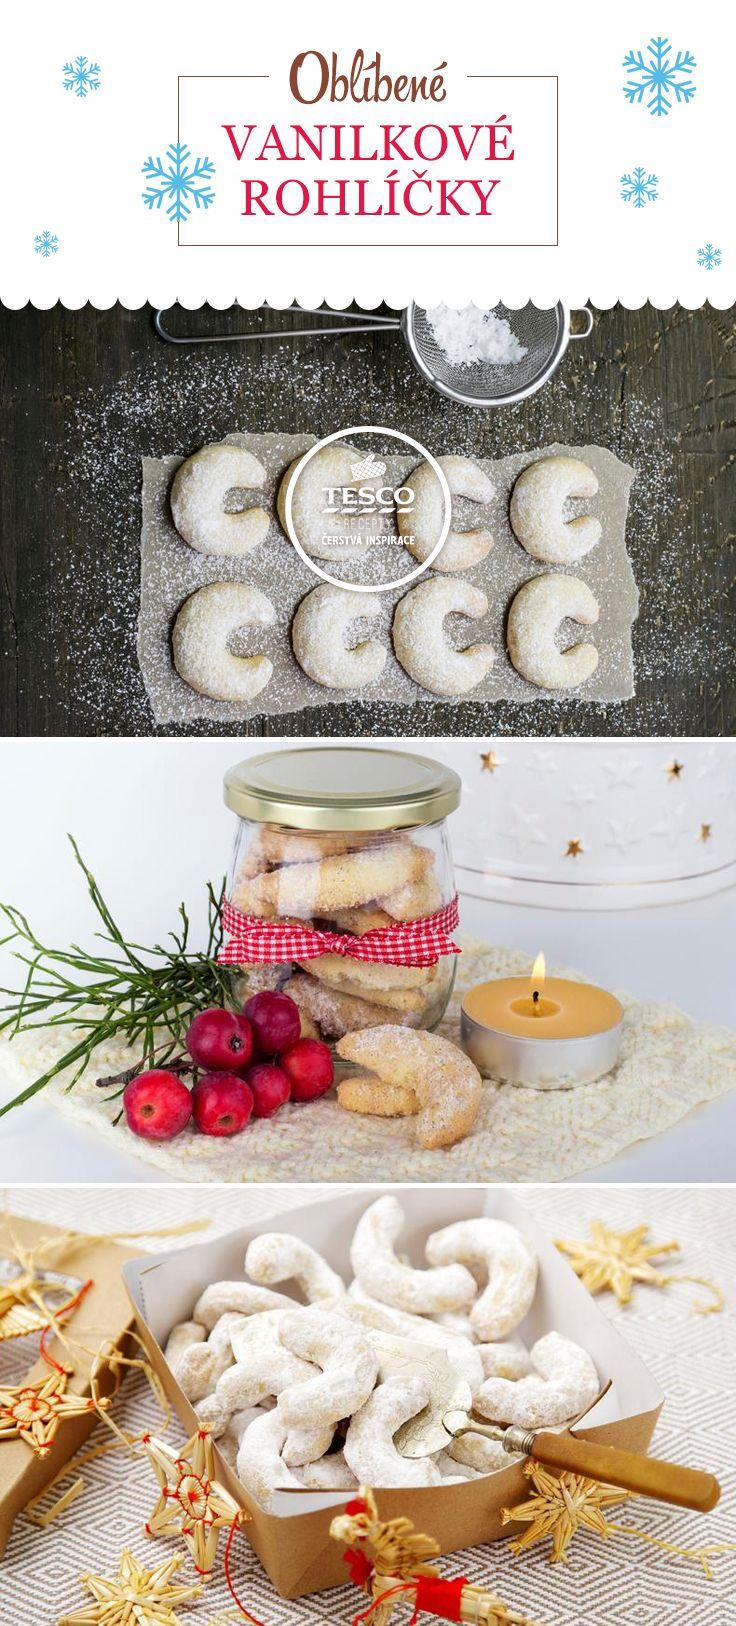 Naučte se vanilkové rohlíčky, je to snadné!